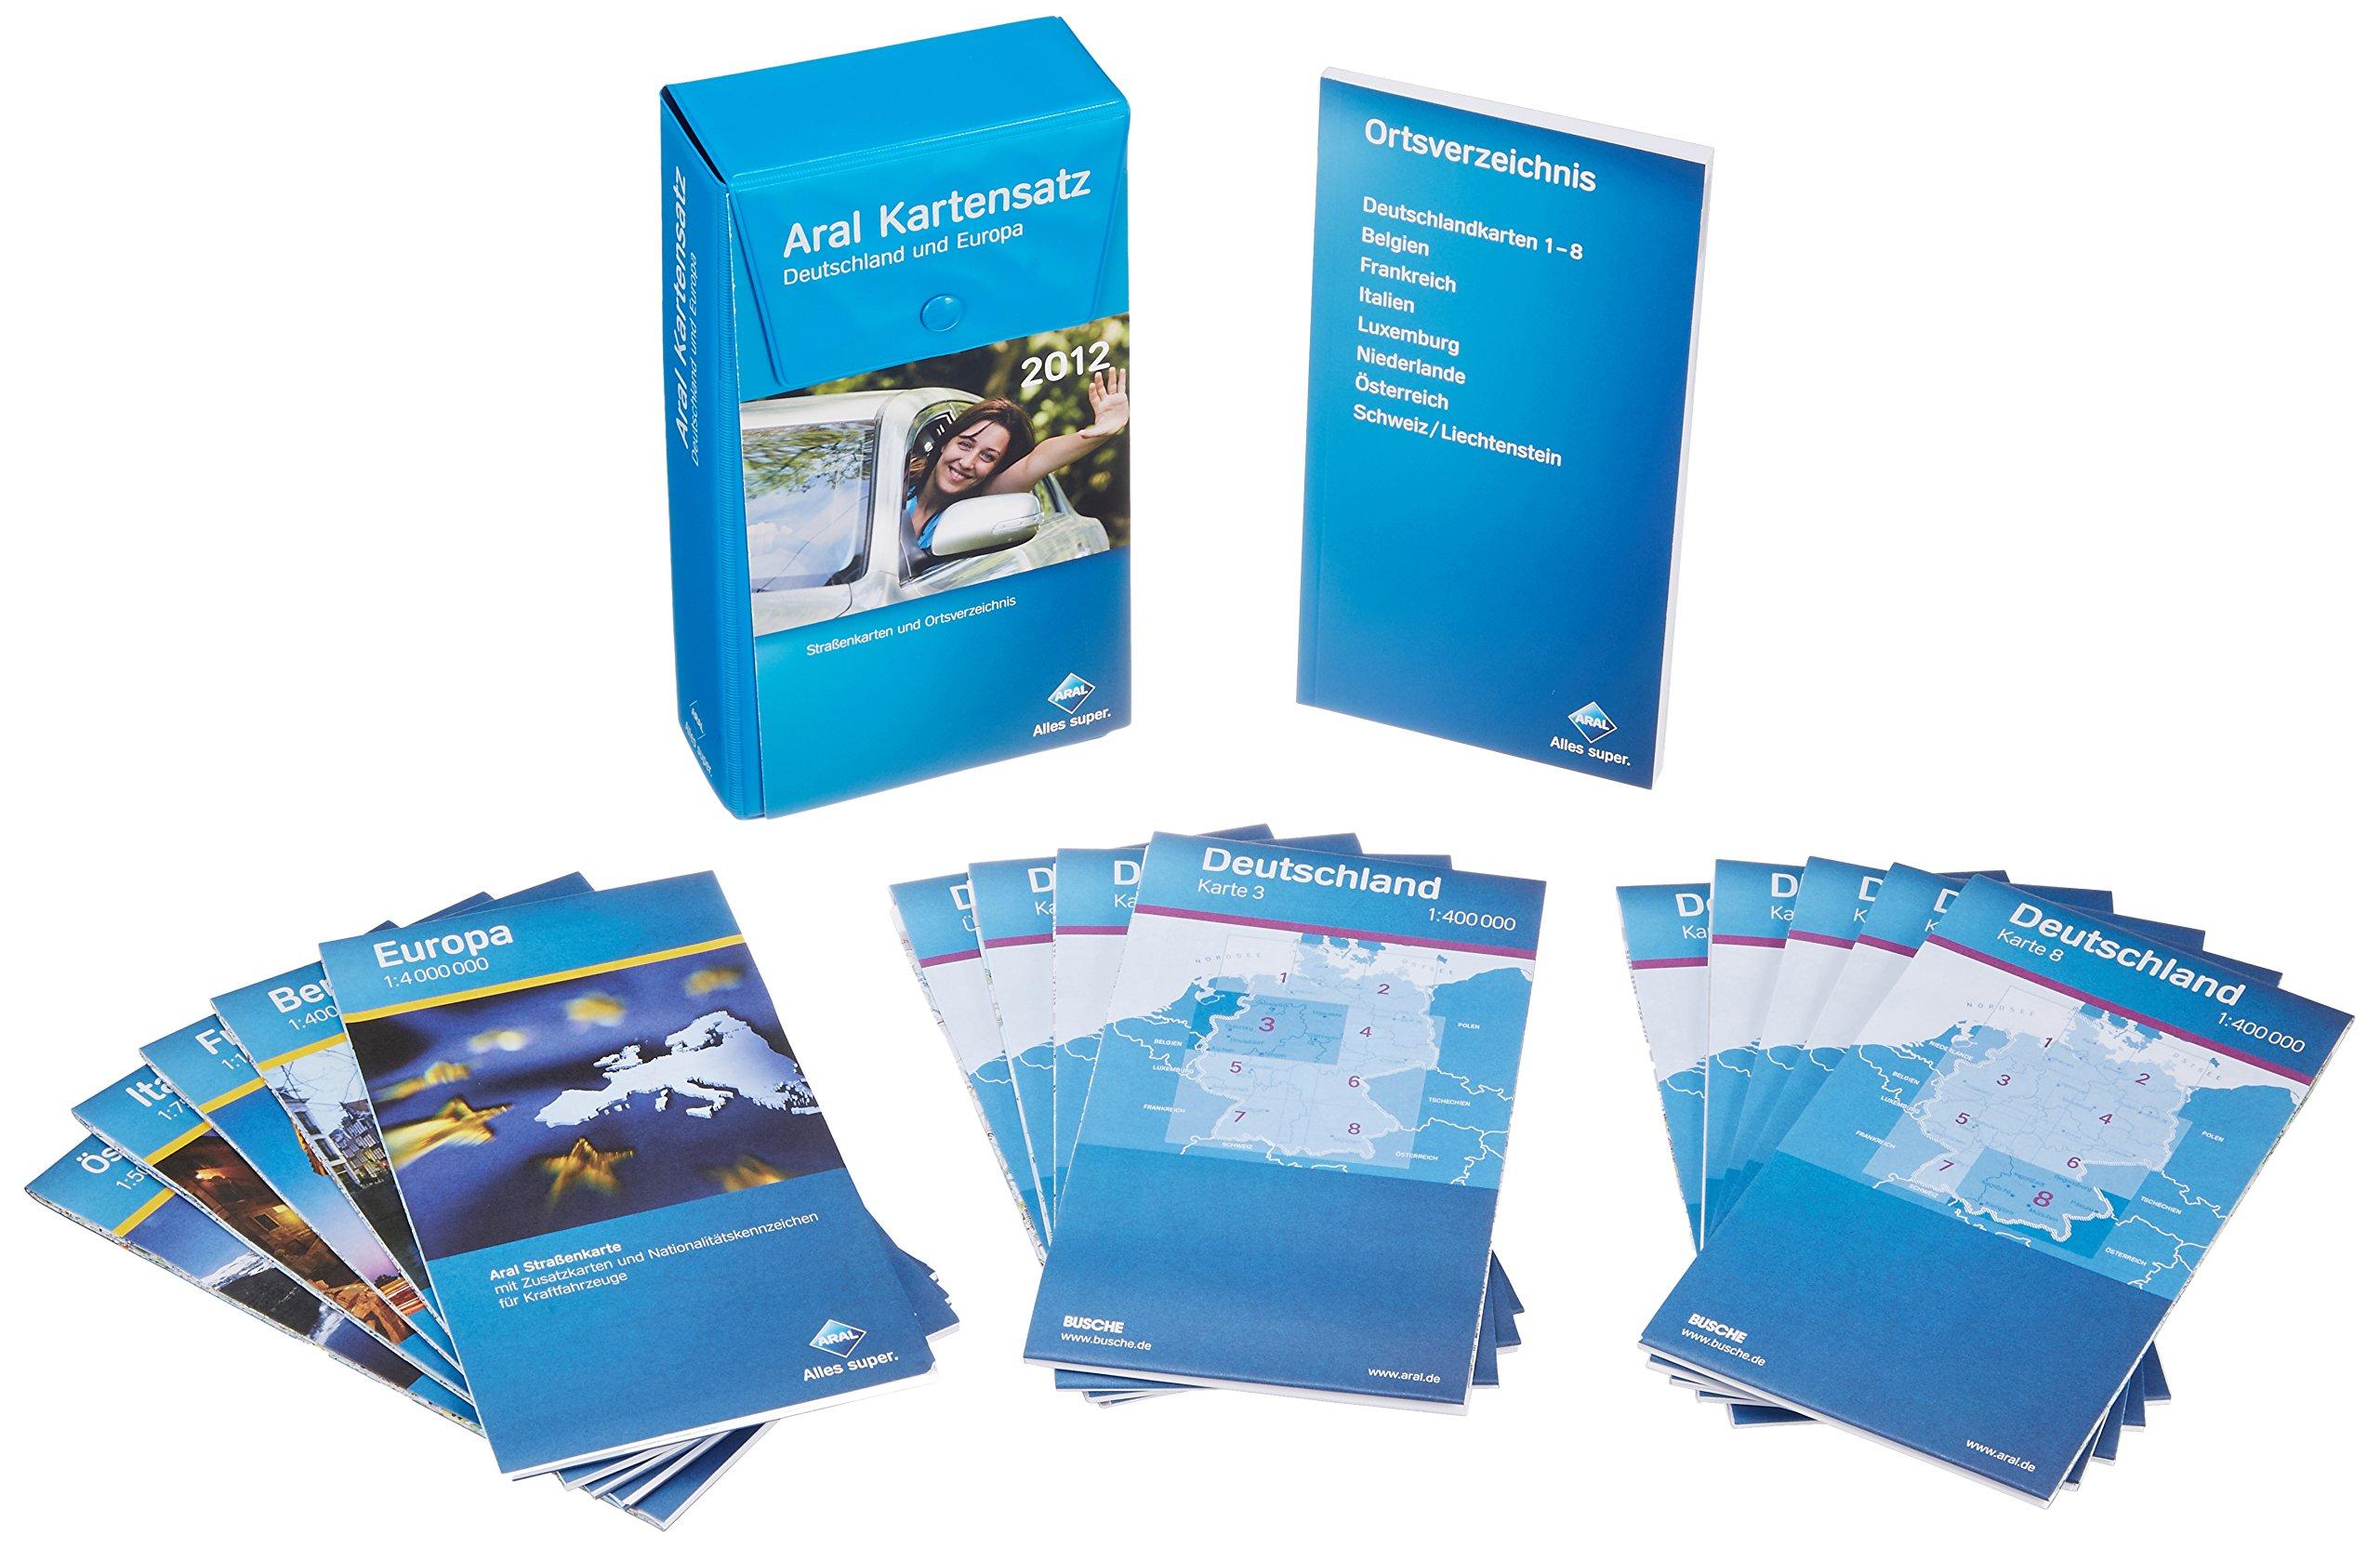 Aral Kartensatz 2012: Deutschland und Europa